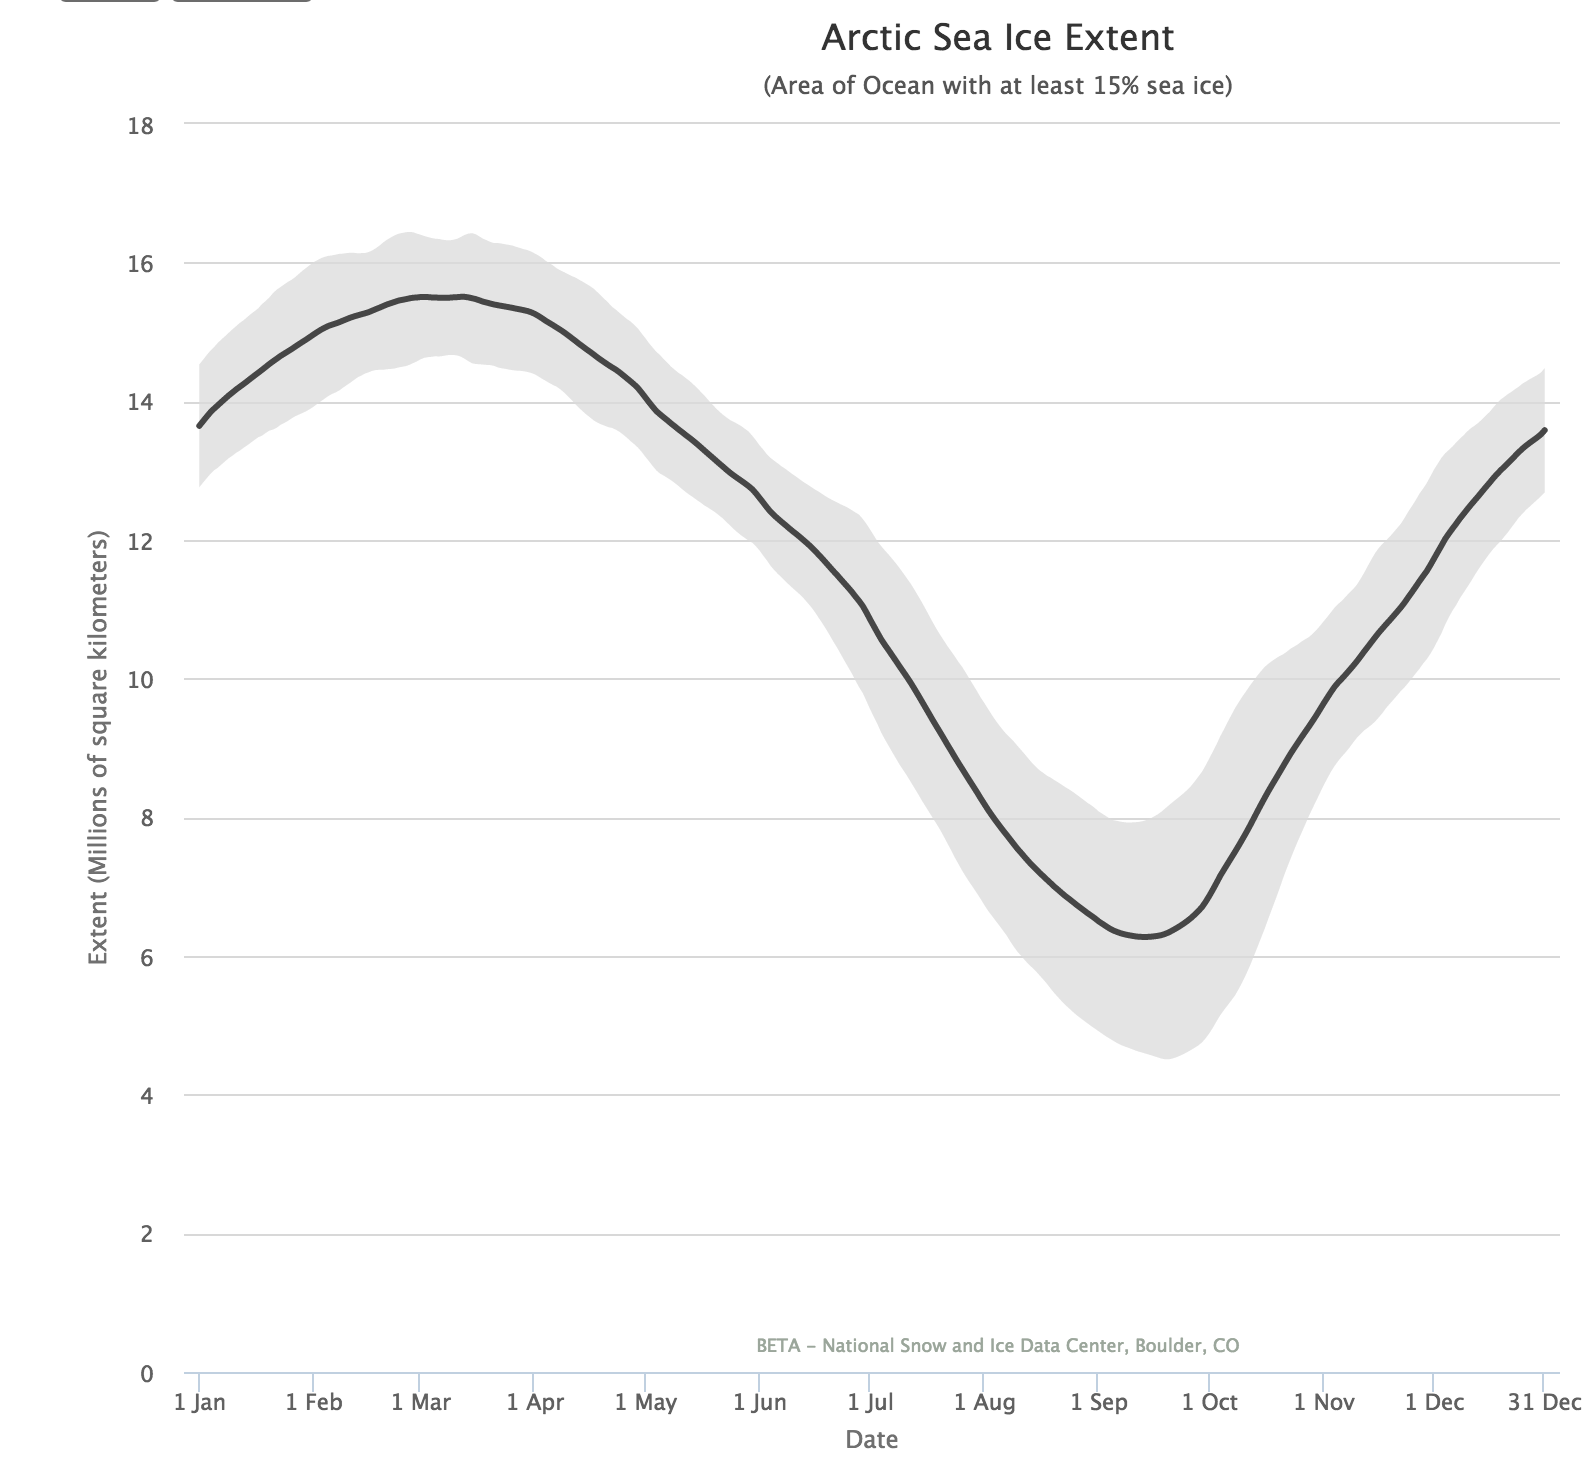 A preto a extensão média da superfície de gelo, a cada dia do ano, entre 1981 e 2010.